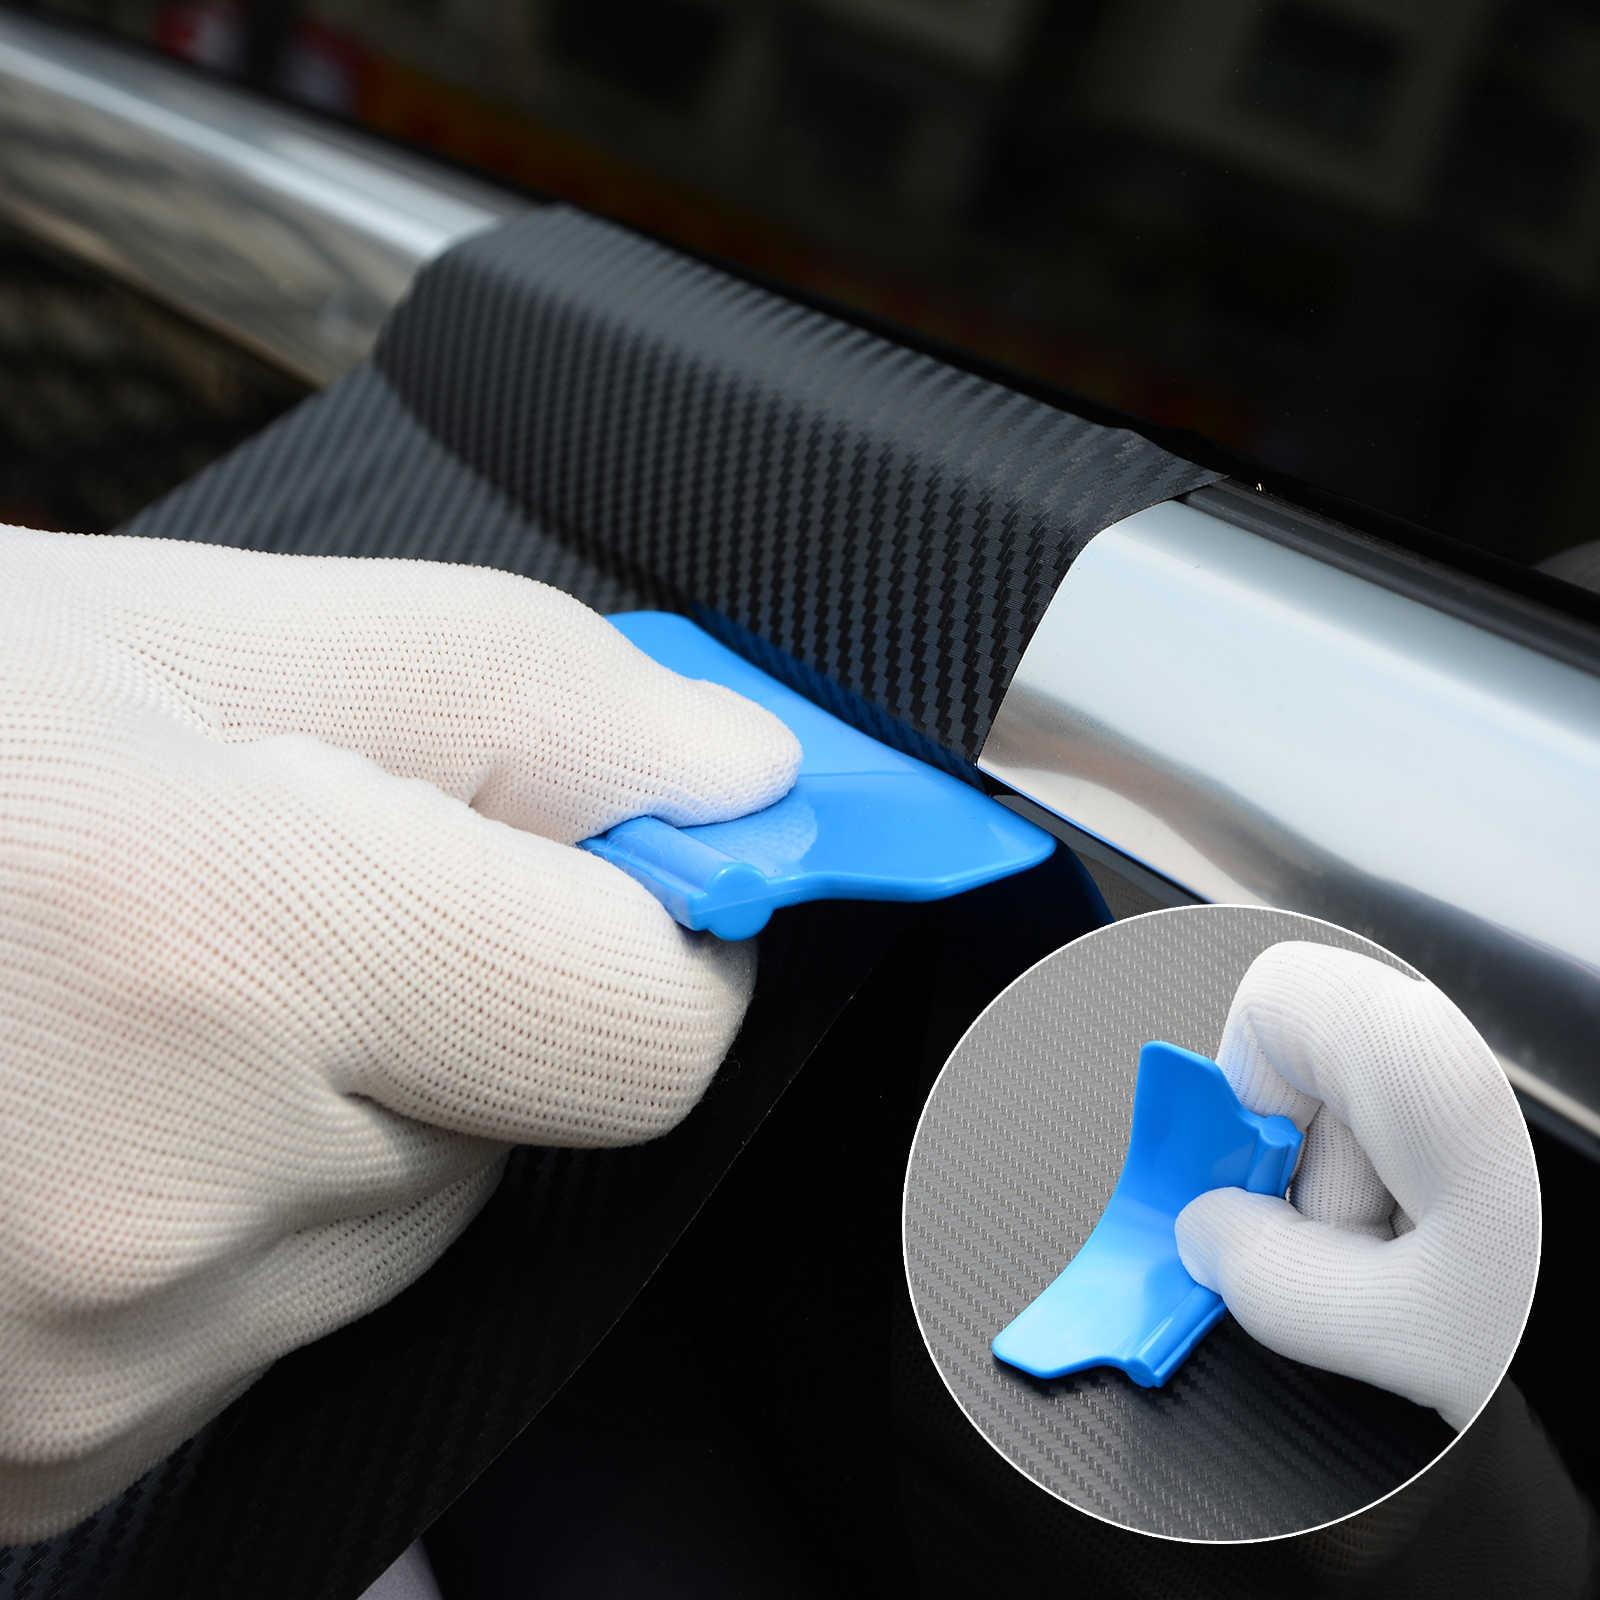 EHDIS набор инструментов для винила, мягкие весы из замши, магнитный скребок, стикер для автомобиля, инструмент для обертывания окон, набор для удаления отливок